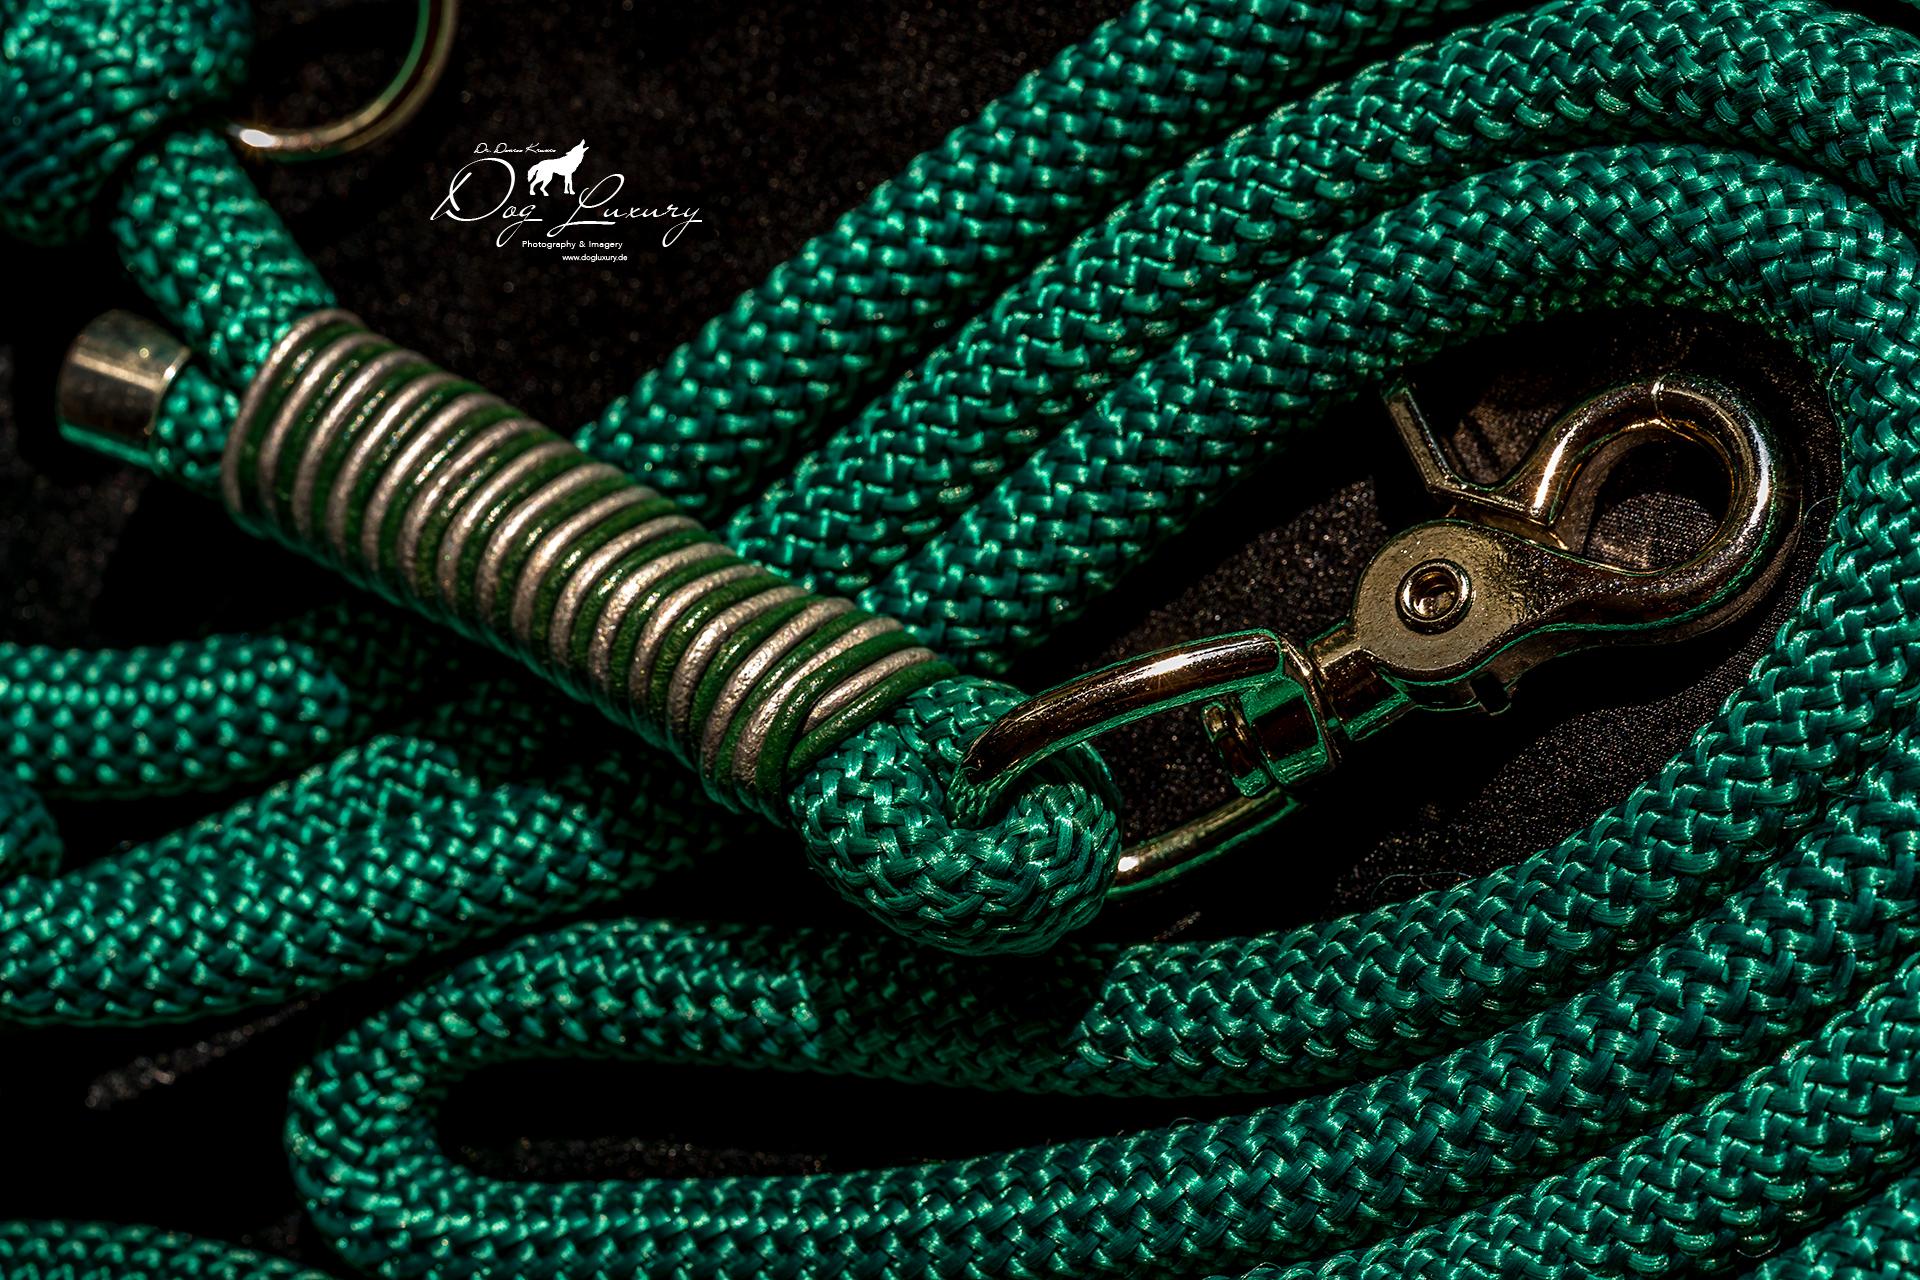 Luxus Hundeleine aus Bolaband mit 10 mm Durchmesser gefertigt und mit entsprechend farbigem Leder umtakelt